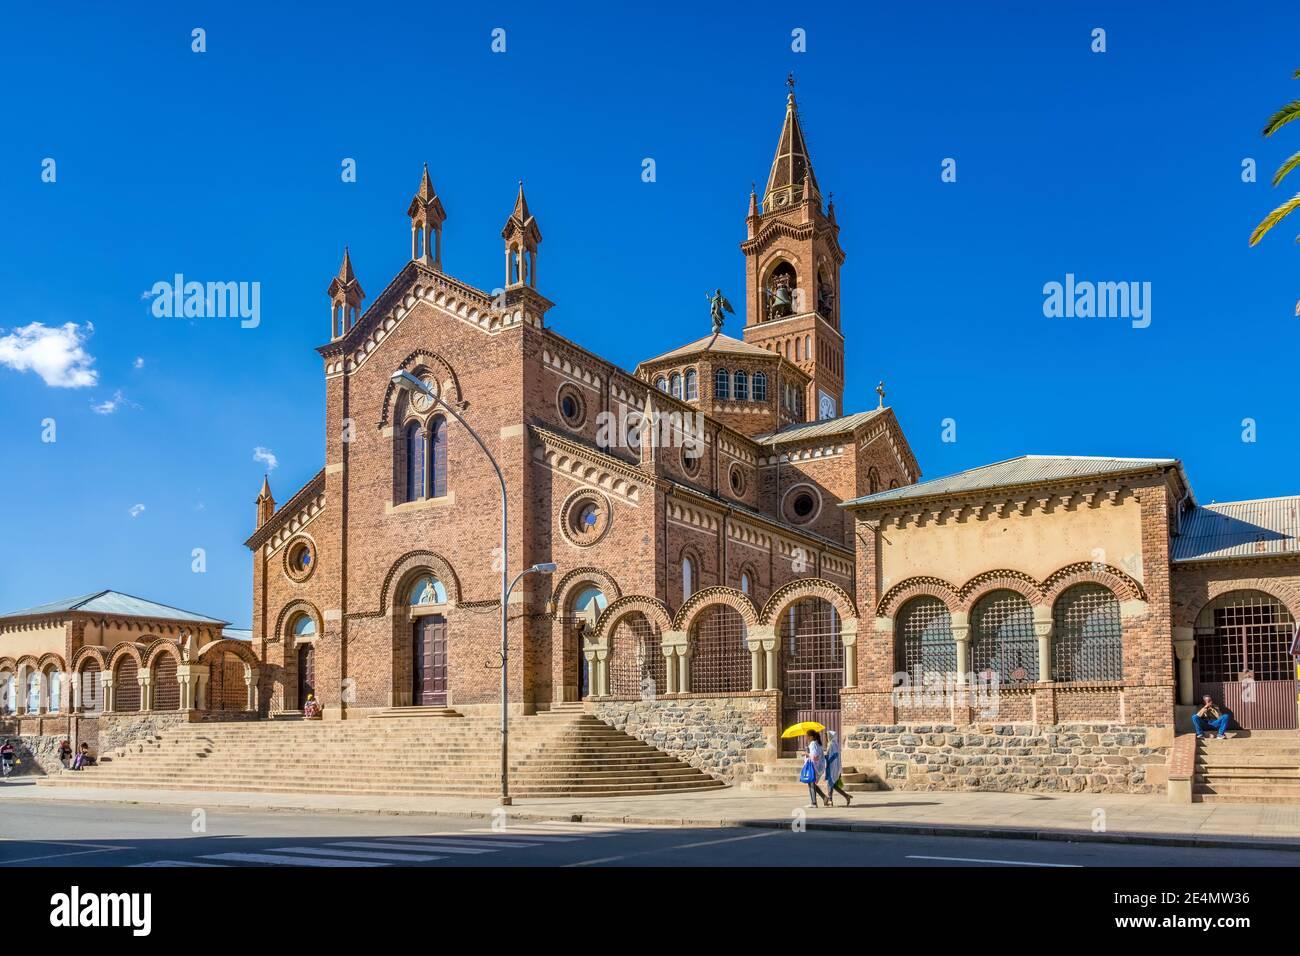 Iglesia de nuestra Señora del Rosario en el centro de Asmara, la capital de Eritrea, África Oriental. Foto de stock